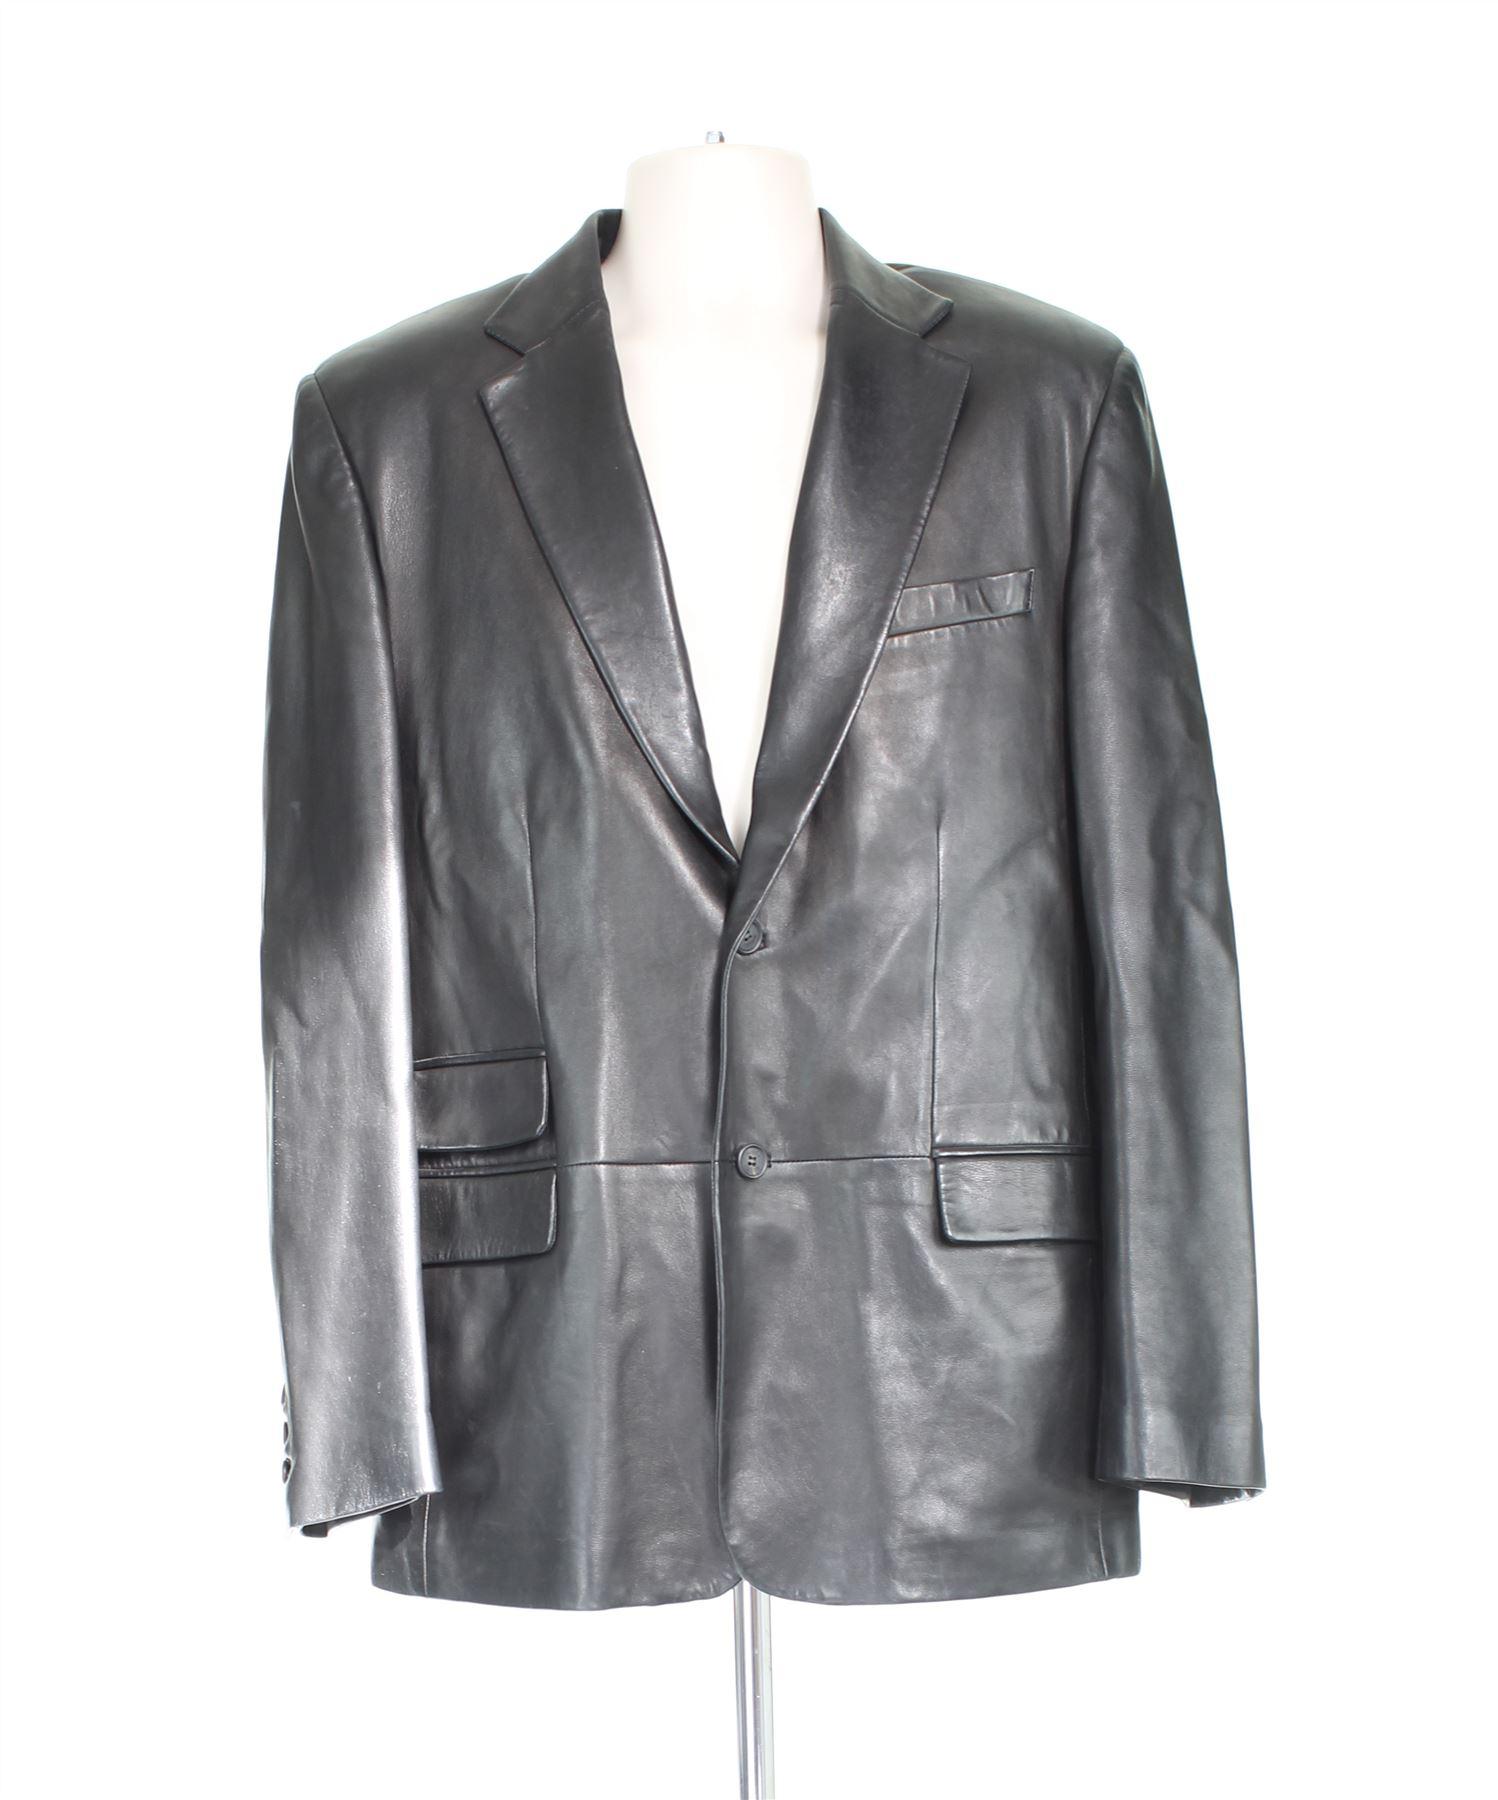 buy popular 64cfd 551fb Dettagli su GUCCI Giacca in pelle nera, UK 40 US 40 EU L